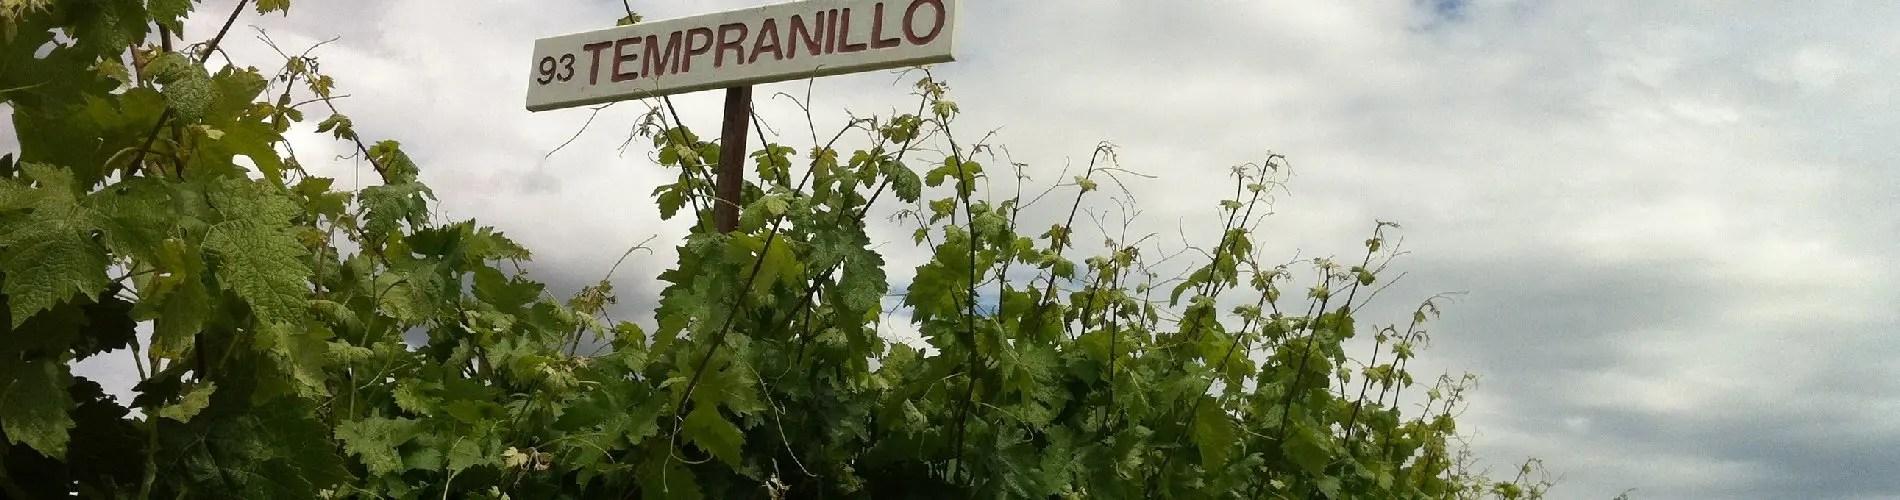 Tempranillo vines